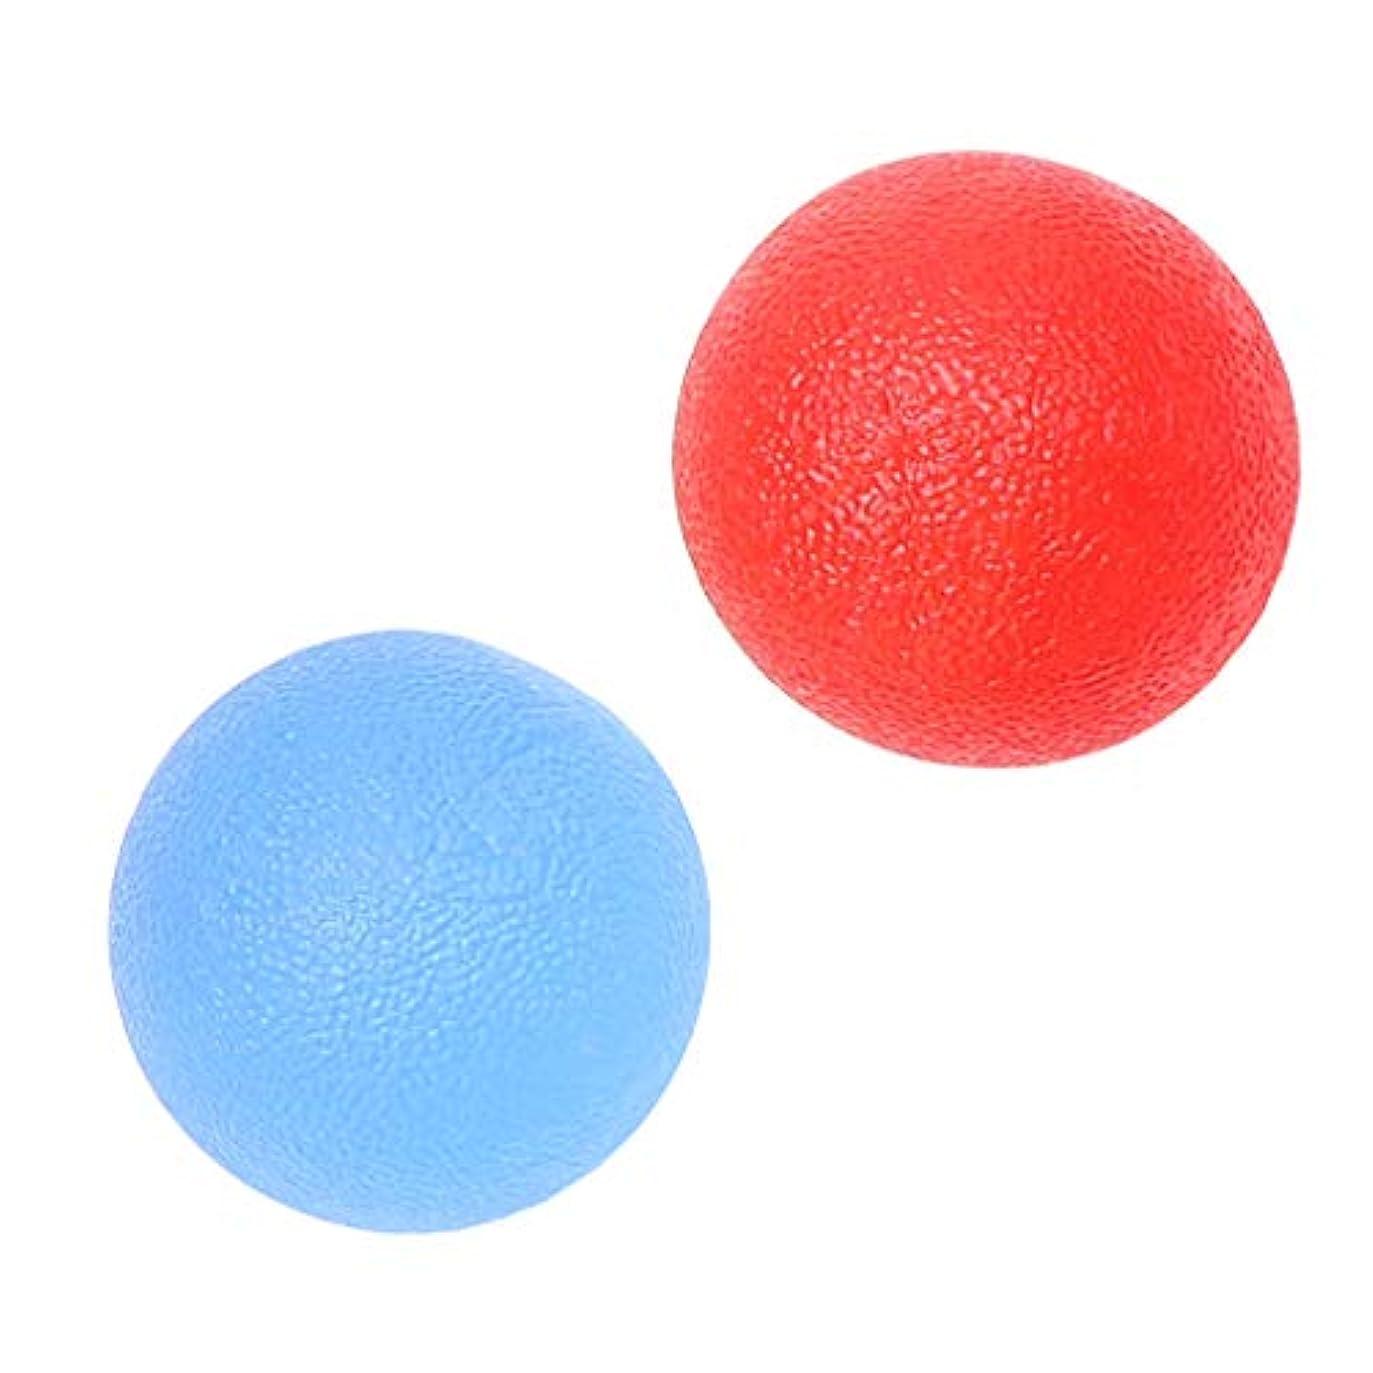 残り物冷酷な擁する2個 ハンドエクササイズボール ハンドグリップ シリコン 指トレーニング ストレス緩和 減圧 赤/青